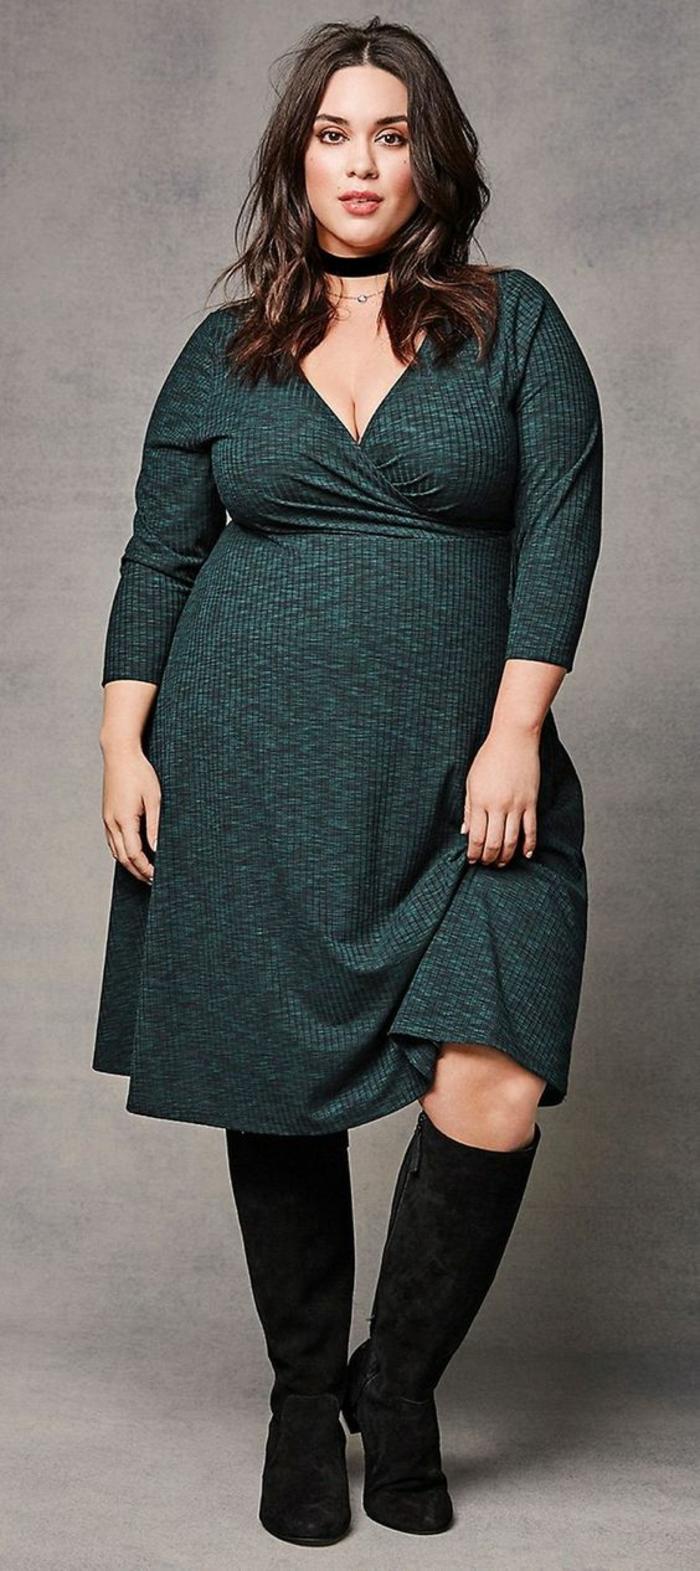 robe longue femme ronde, longueur mi-genoux, décolleté en V, manches longues, en laine fine, couleur vert pétrole